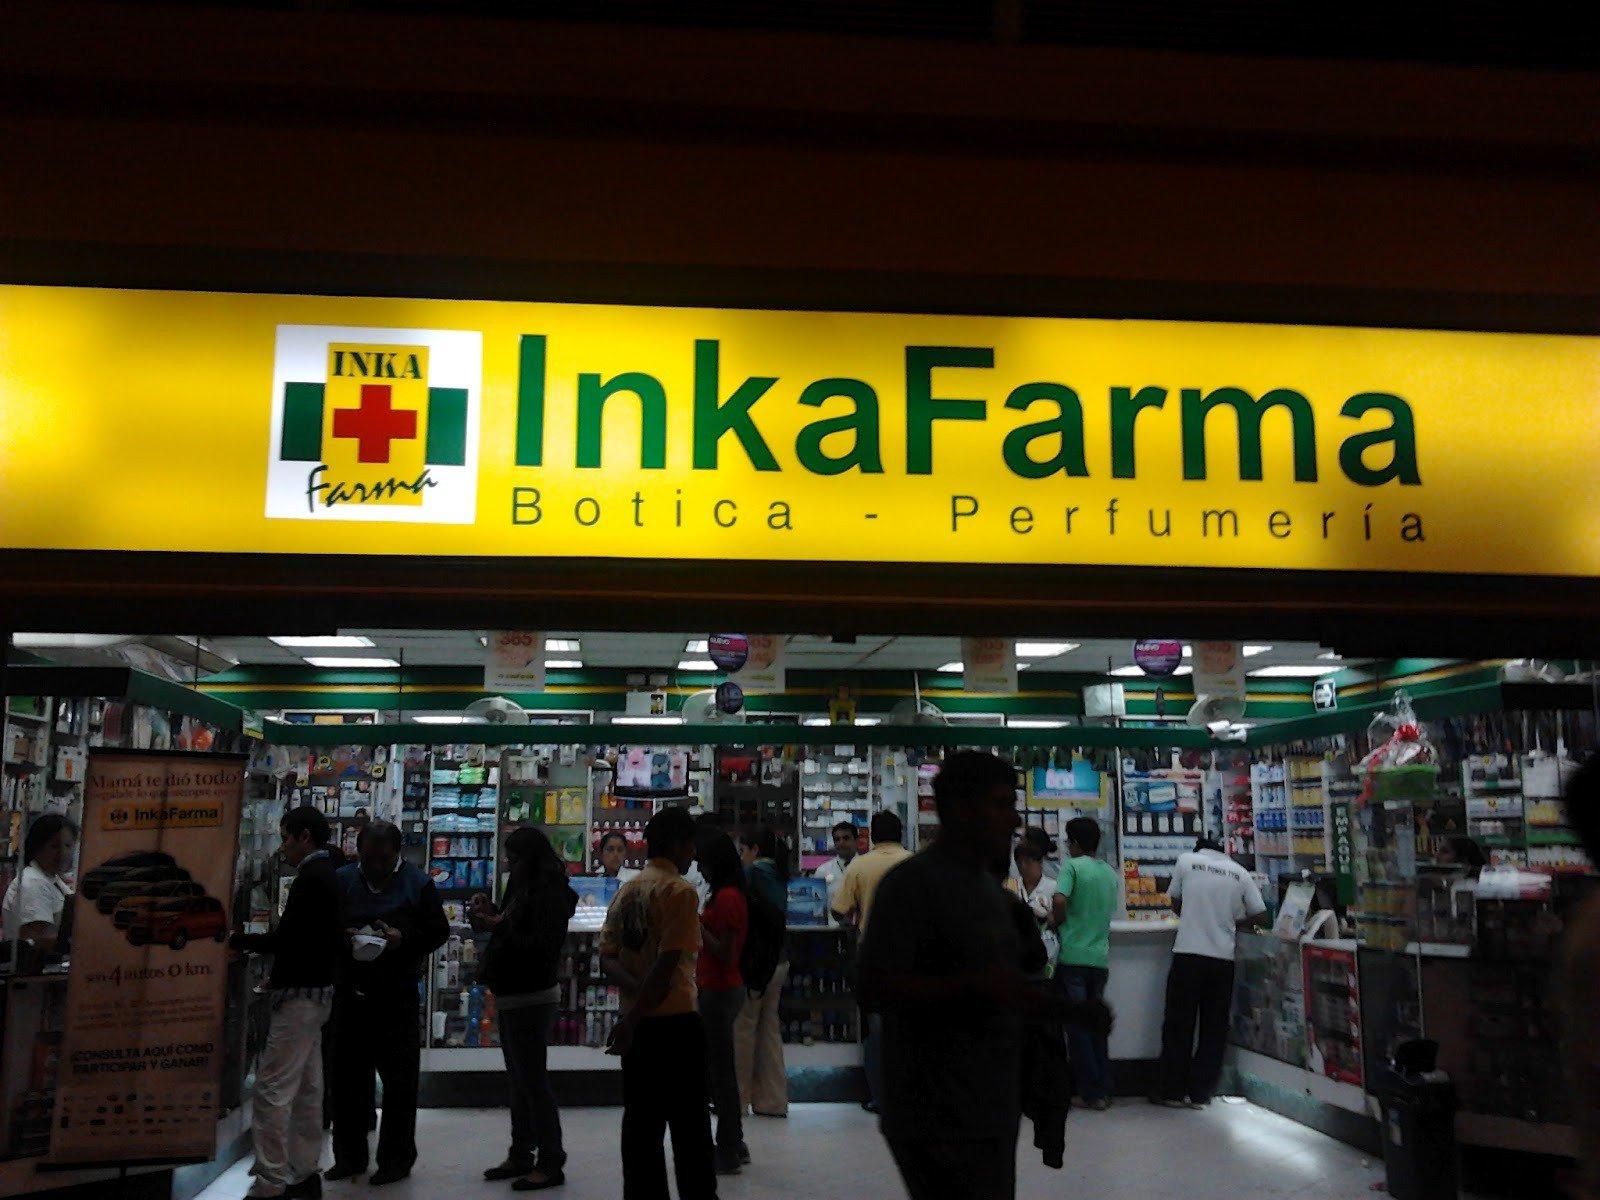 Inkafarma3 - Inkafarma evalúa cerrar locales si su rentabilidad continúa bajando